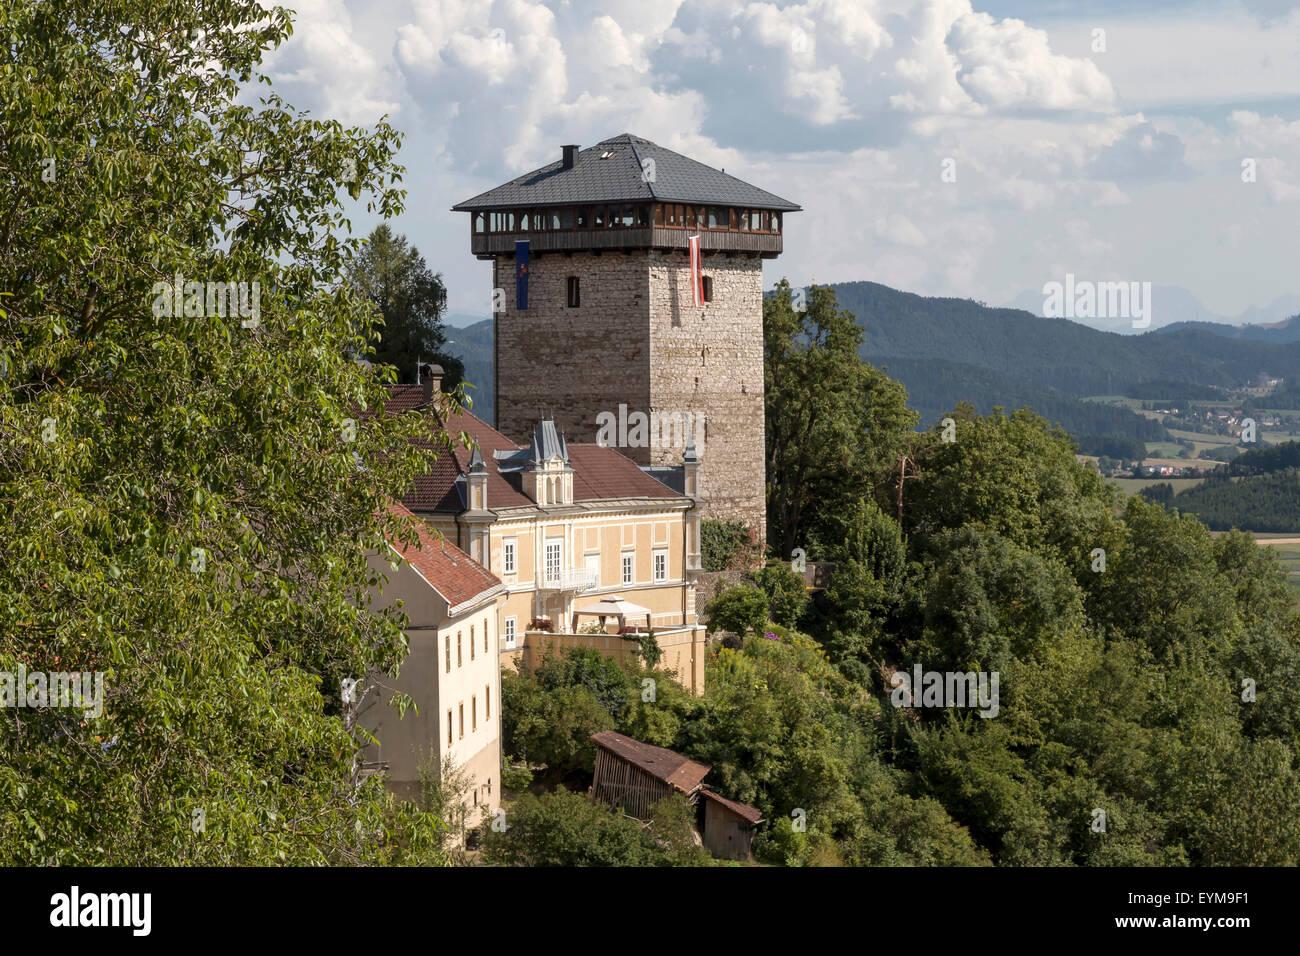 Stadtzentrum von Althofen-Treibach, Kärnten, Österreich - Stock Image